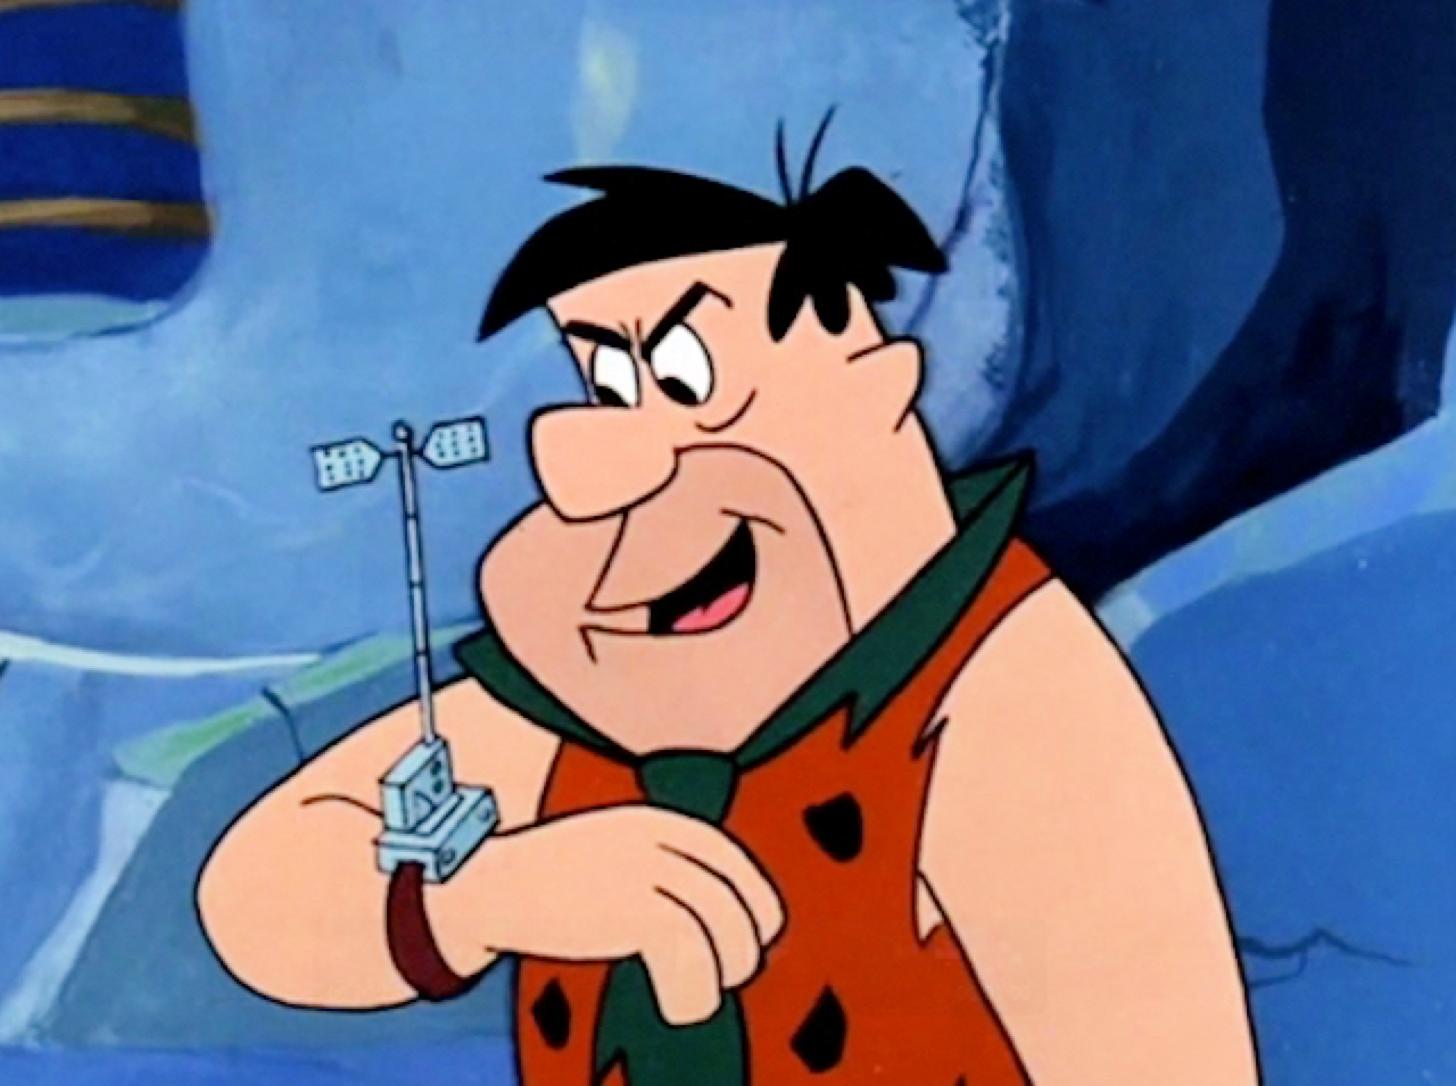 Flintstone wristphone